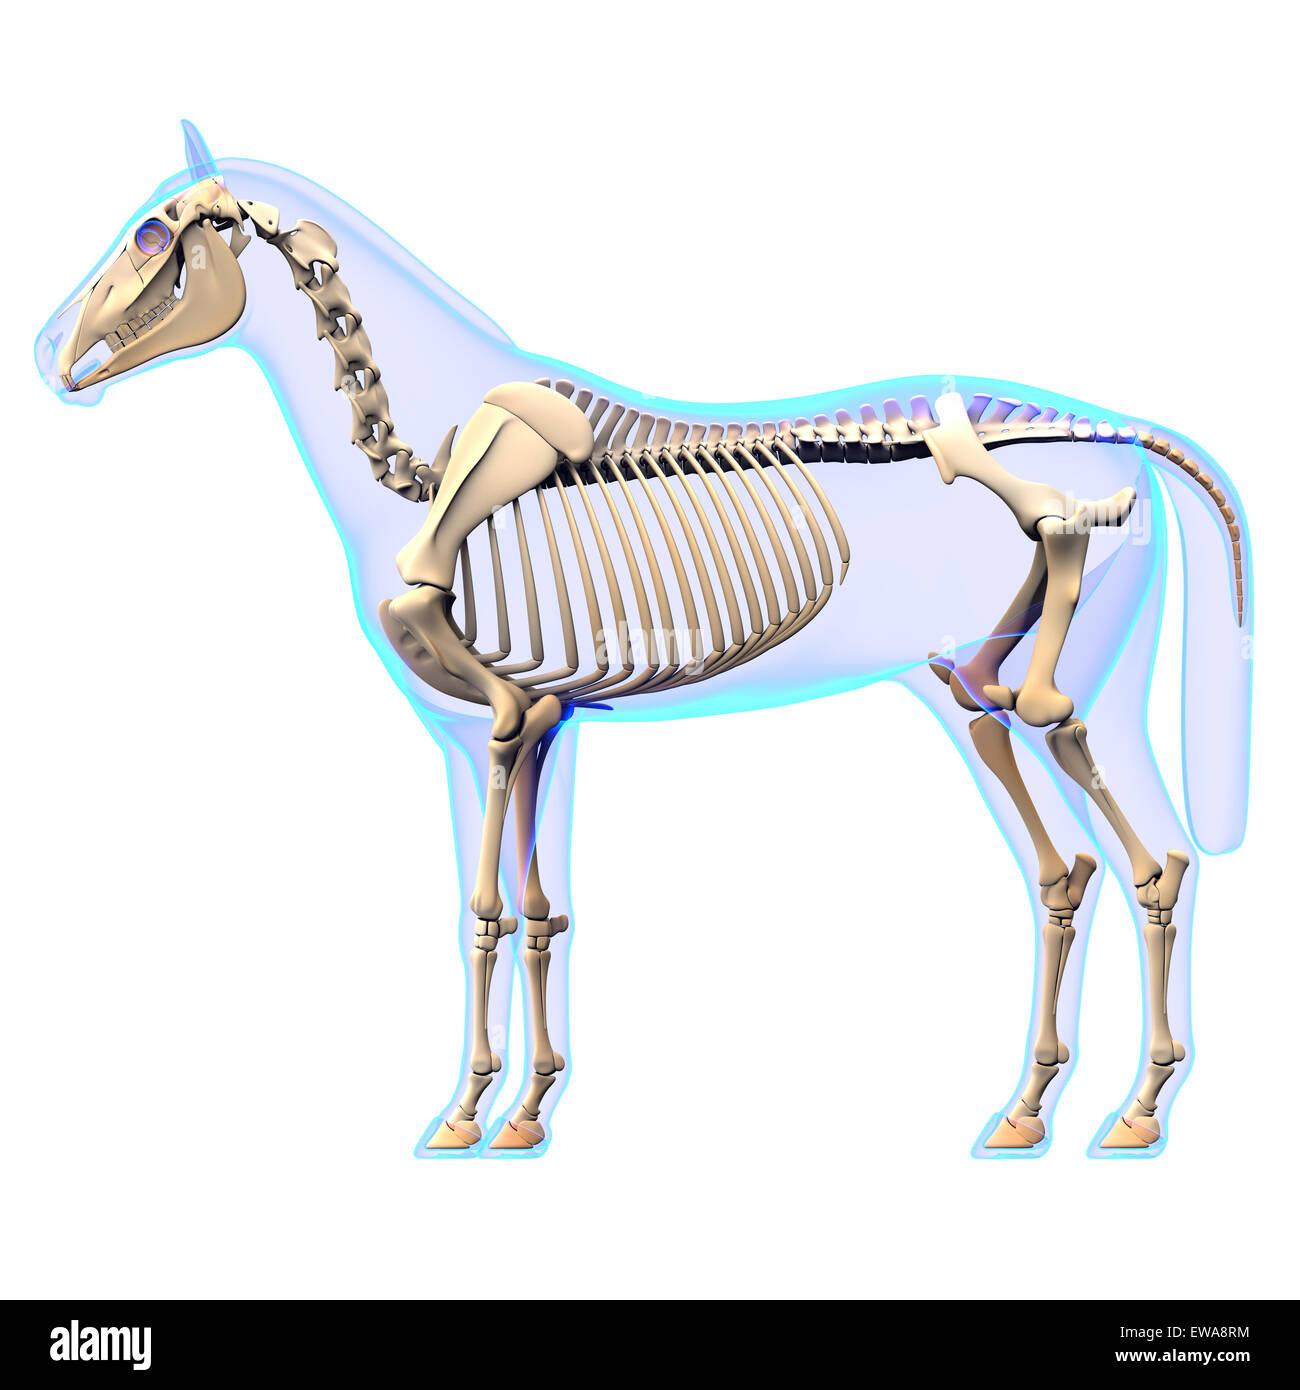 Tolle Pferd Anatomie Skelett Bilder - Menschliche Anatomie Bilder ...